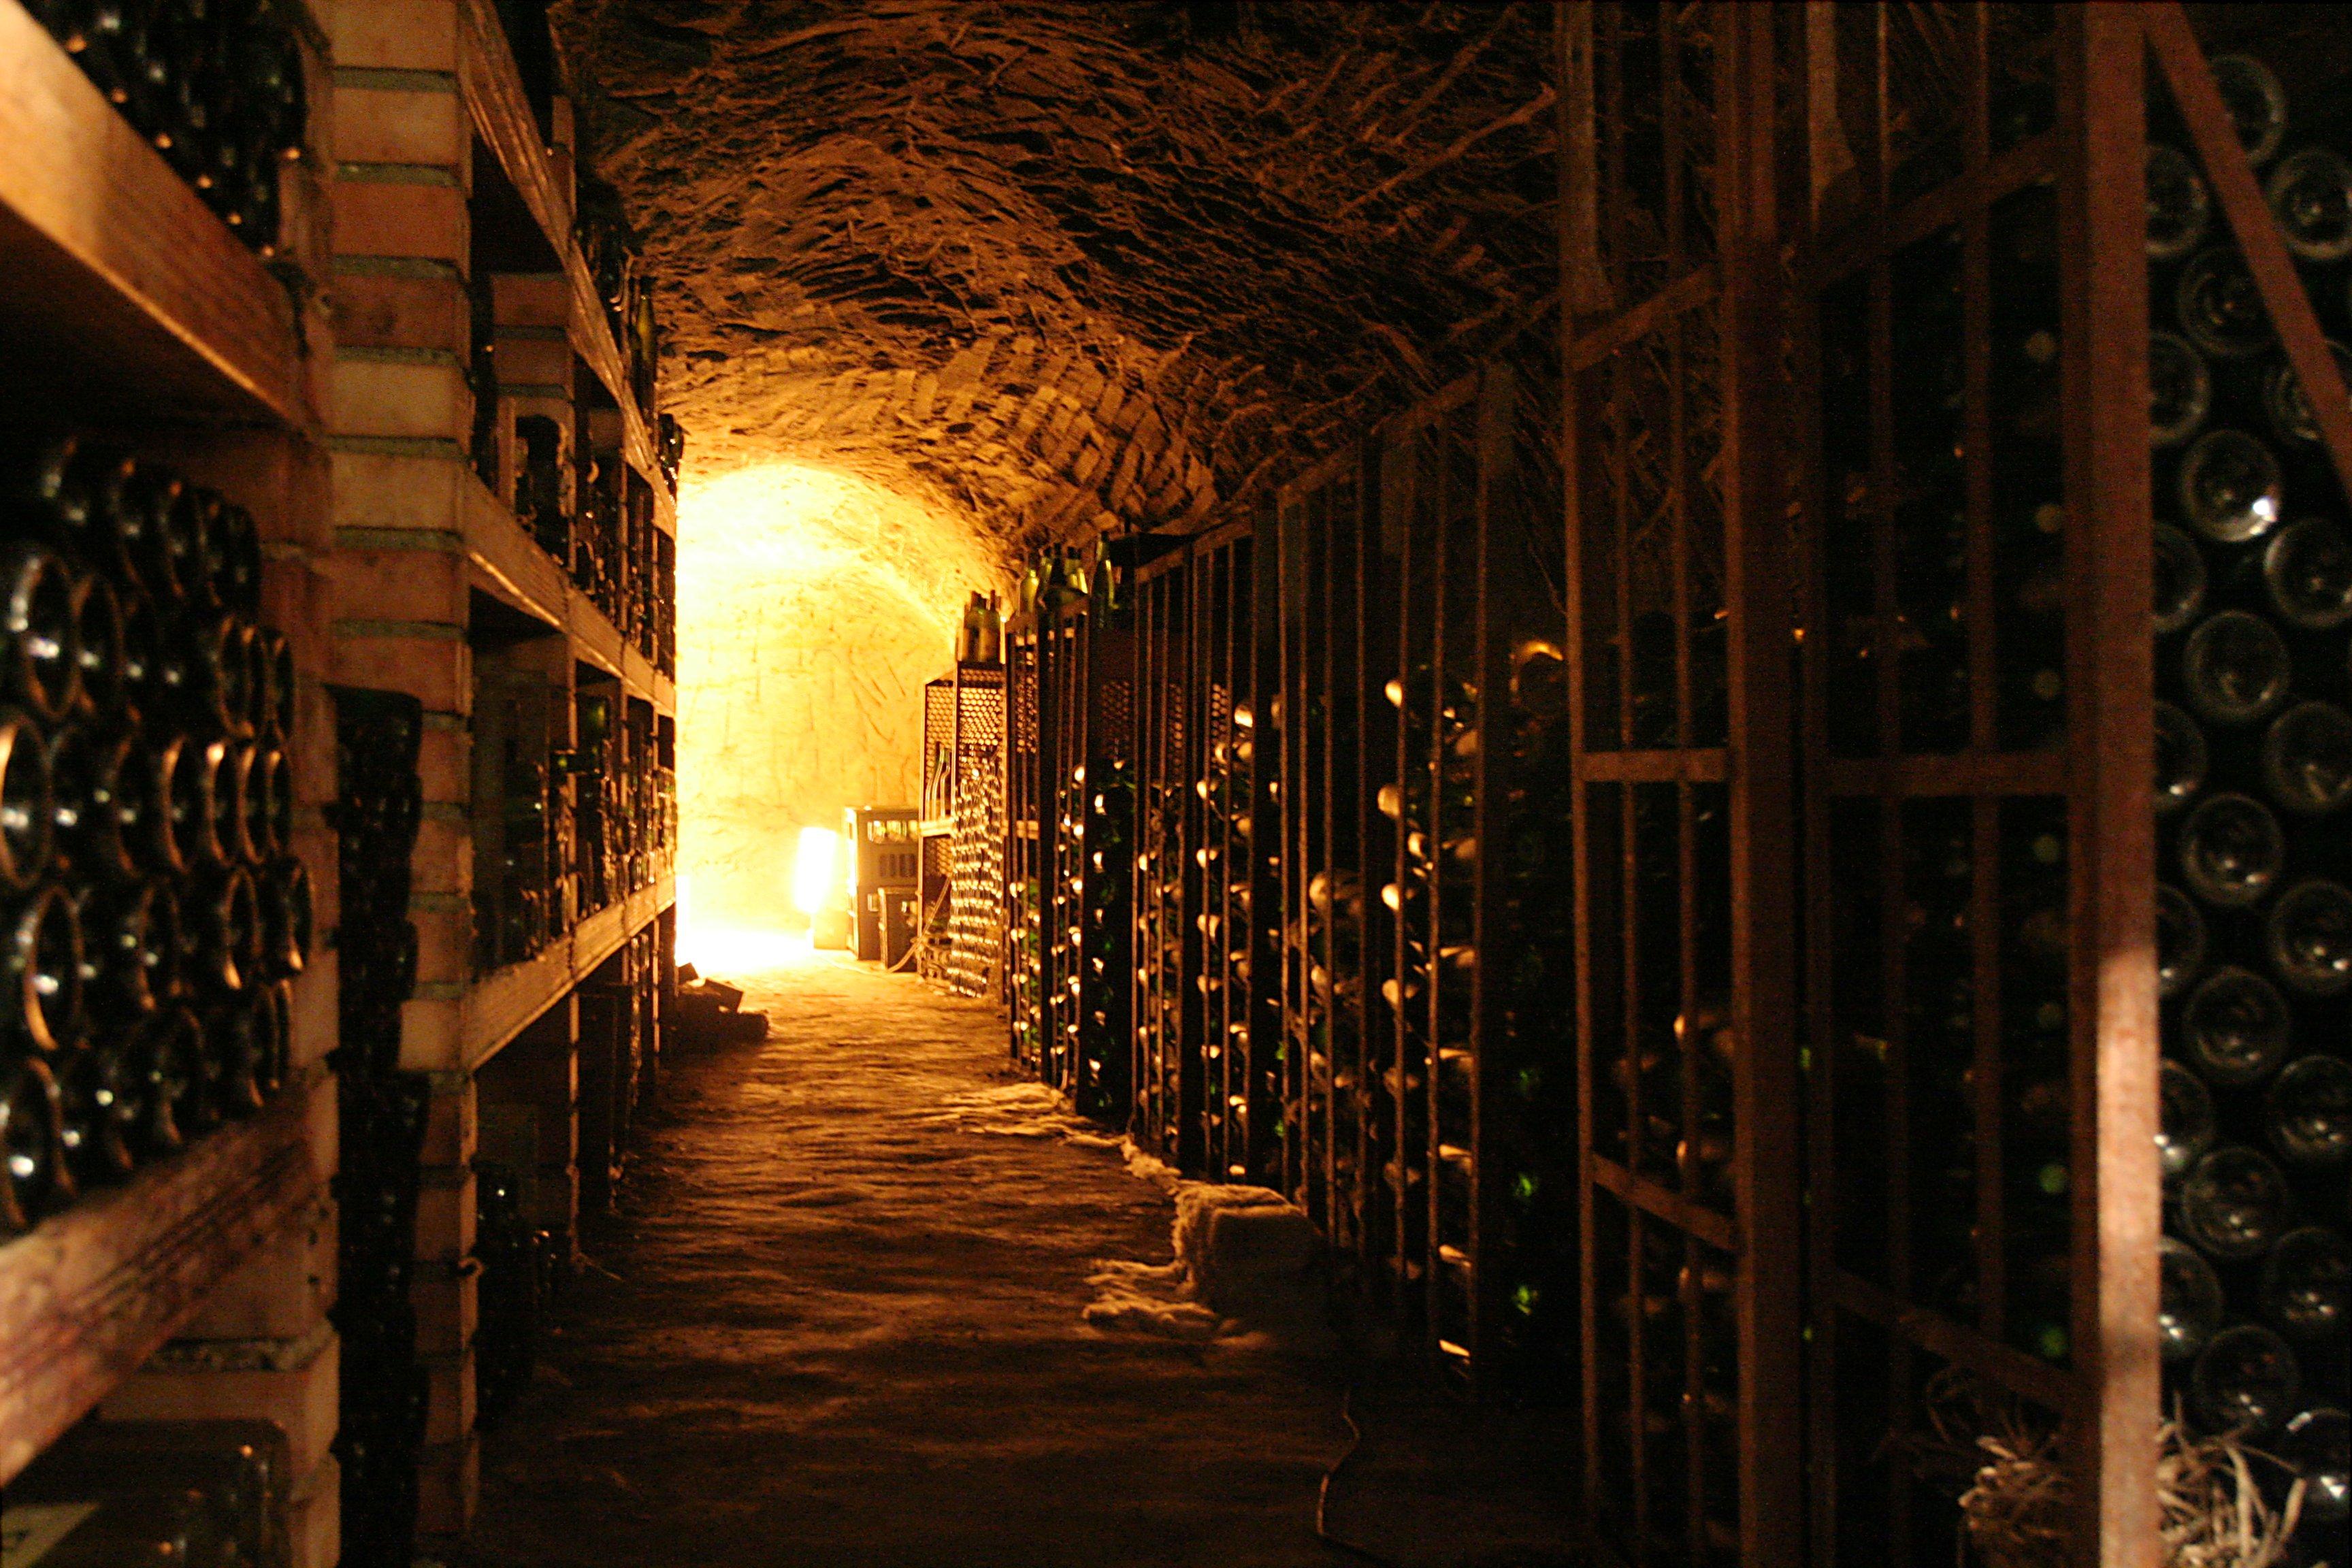 Cellar - транскрипция, произношение и перевод онлайн - Myefe